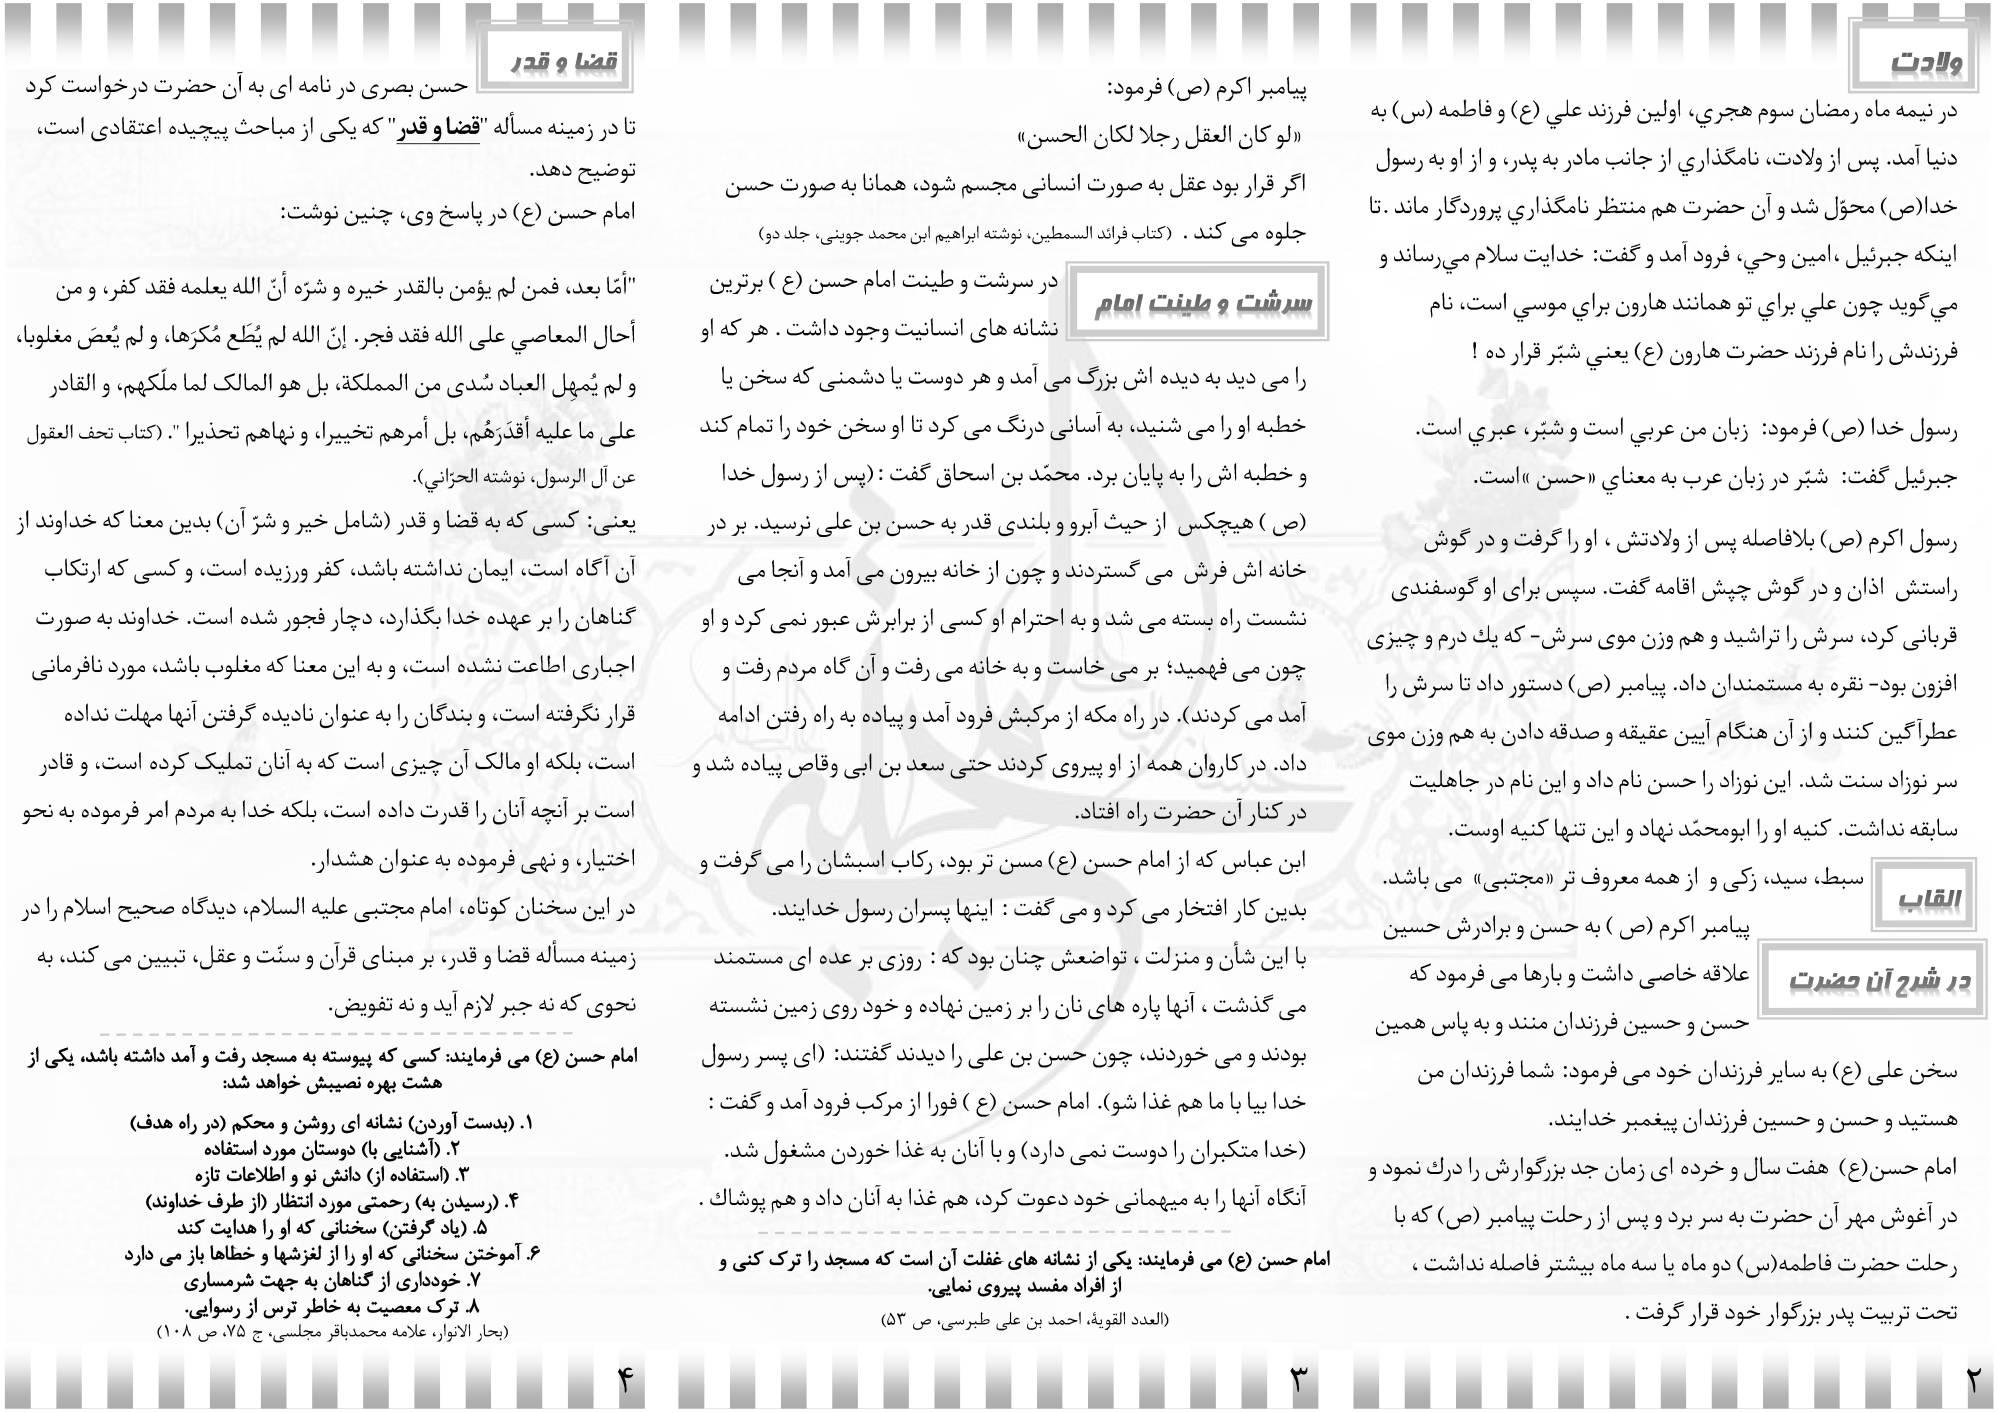 بروشور میلاد امام حسن مجتبی 2